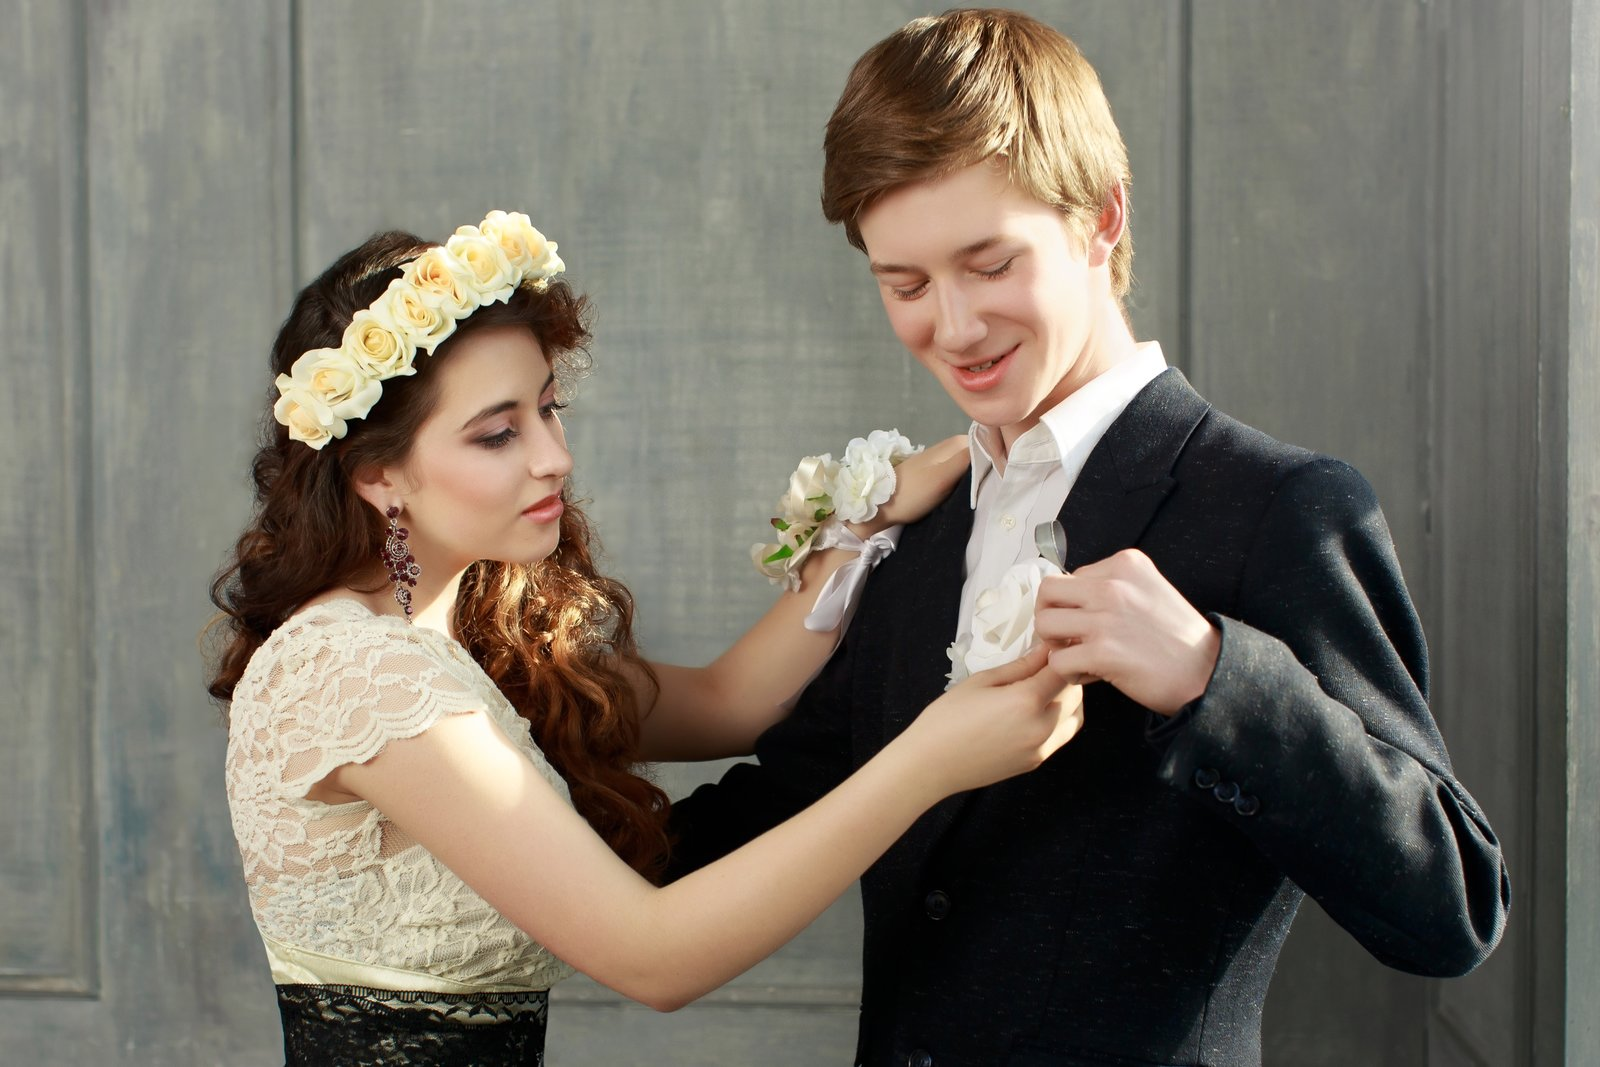 Lekcja savoir vivre – jak zaprosić dziewczynę na studniówkę?